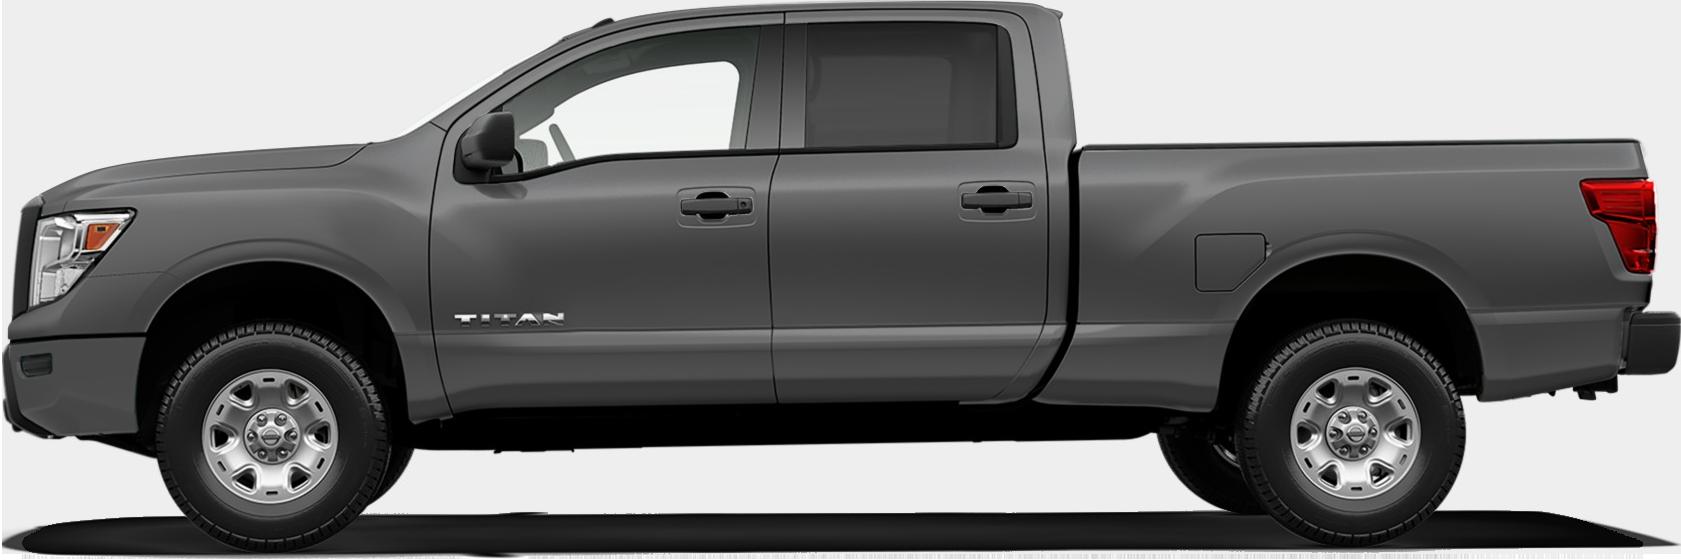 2021 Nissan Titan Truck SV